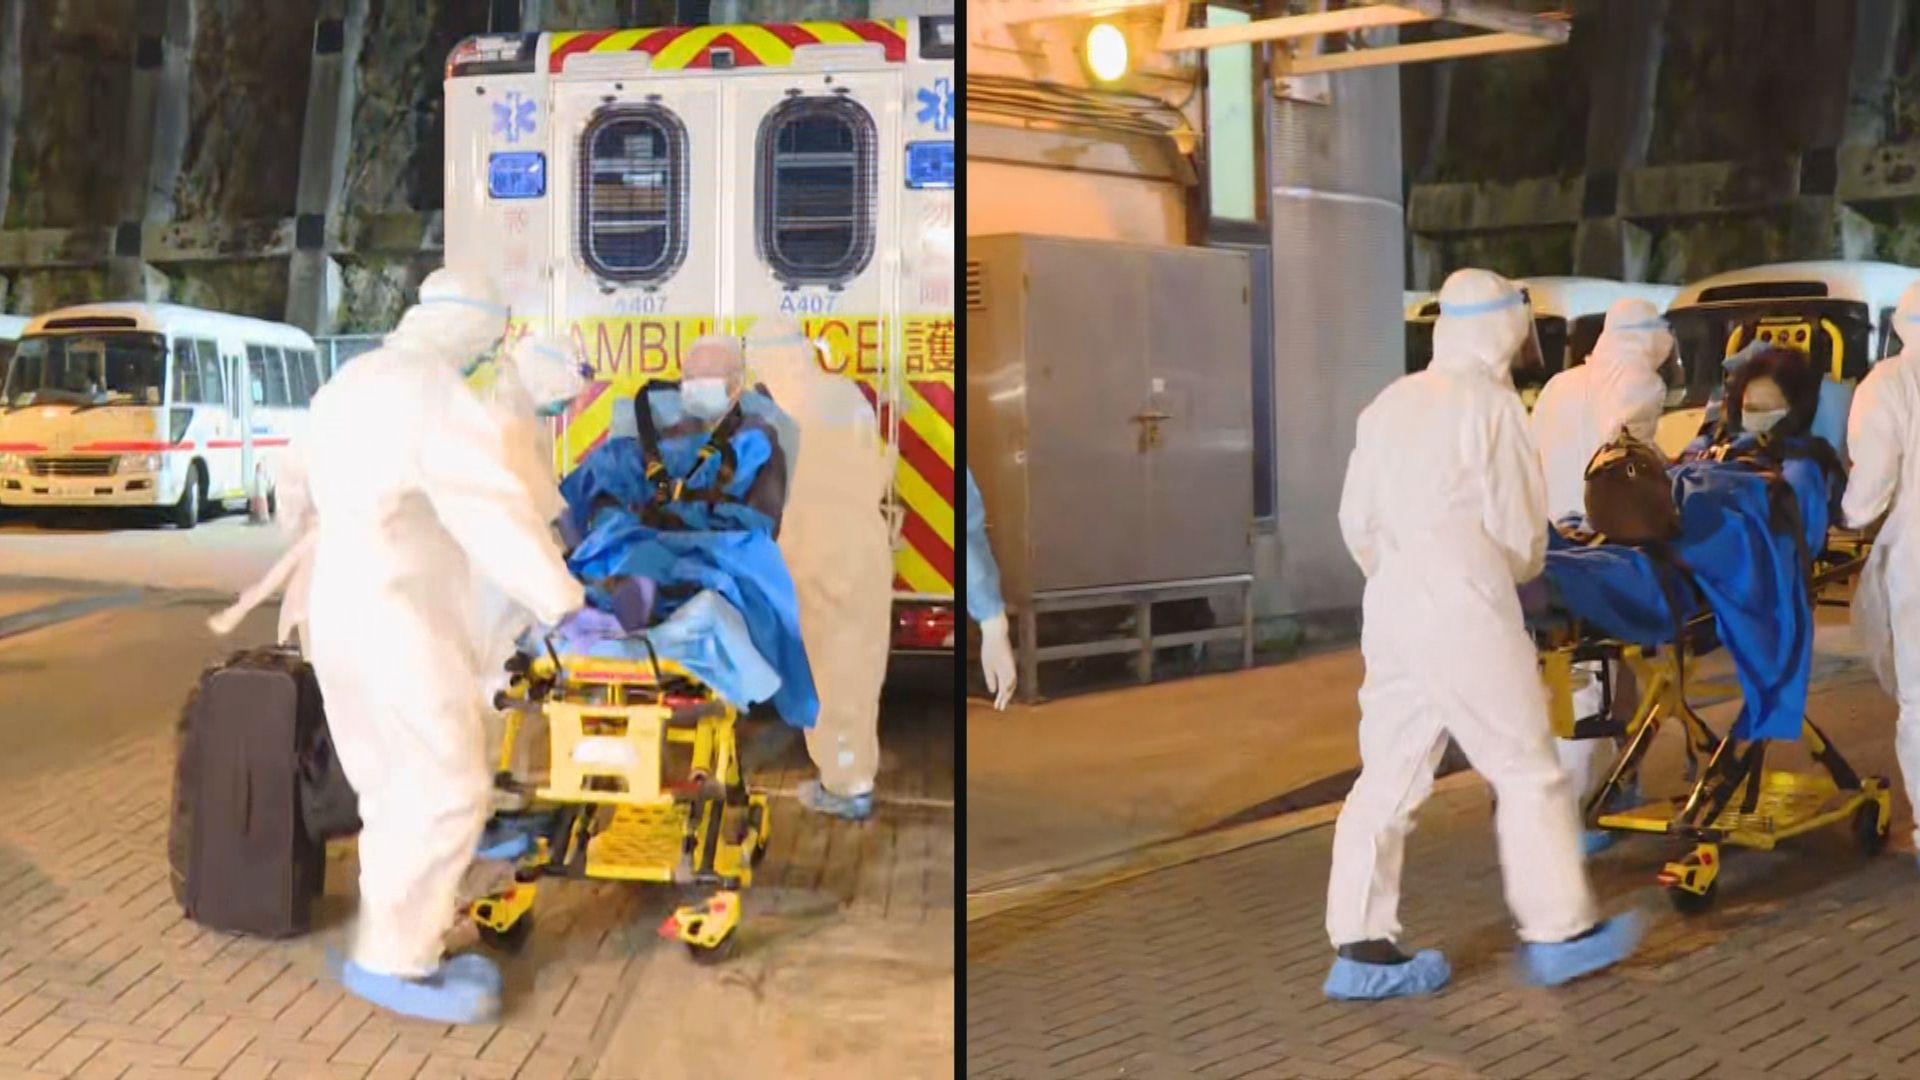 武漢夫婦確診感染新型冠狀病毒 轉送至瑪嘉烈醫院